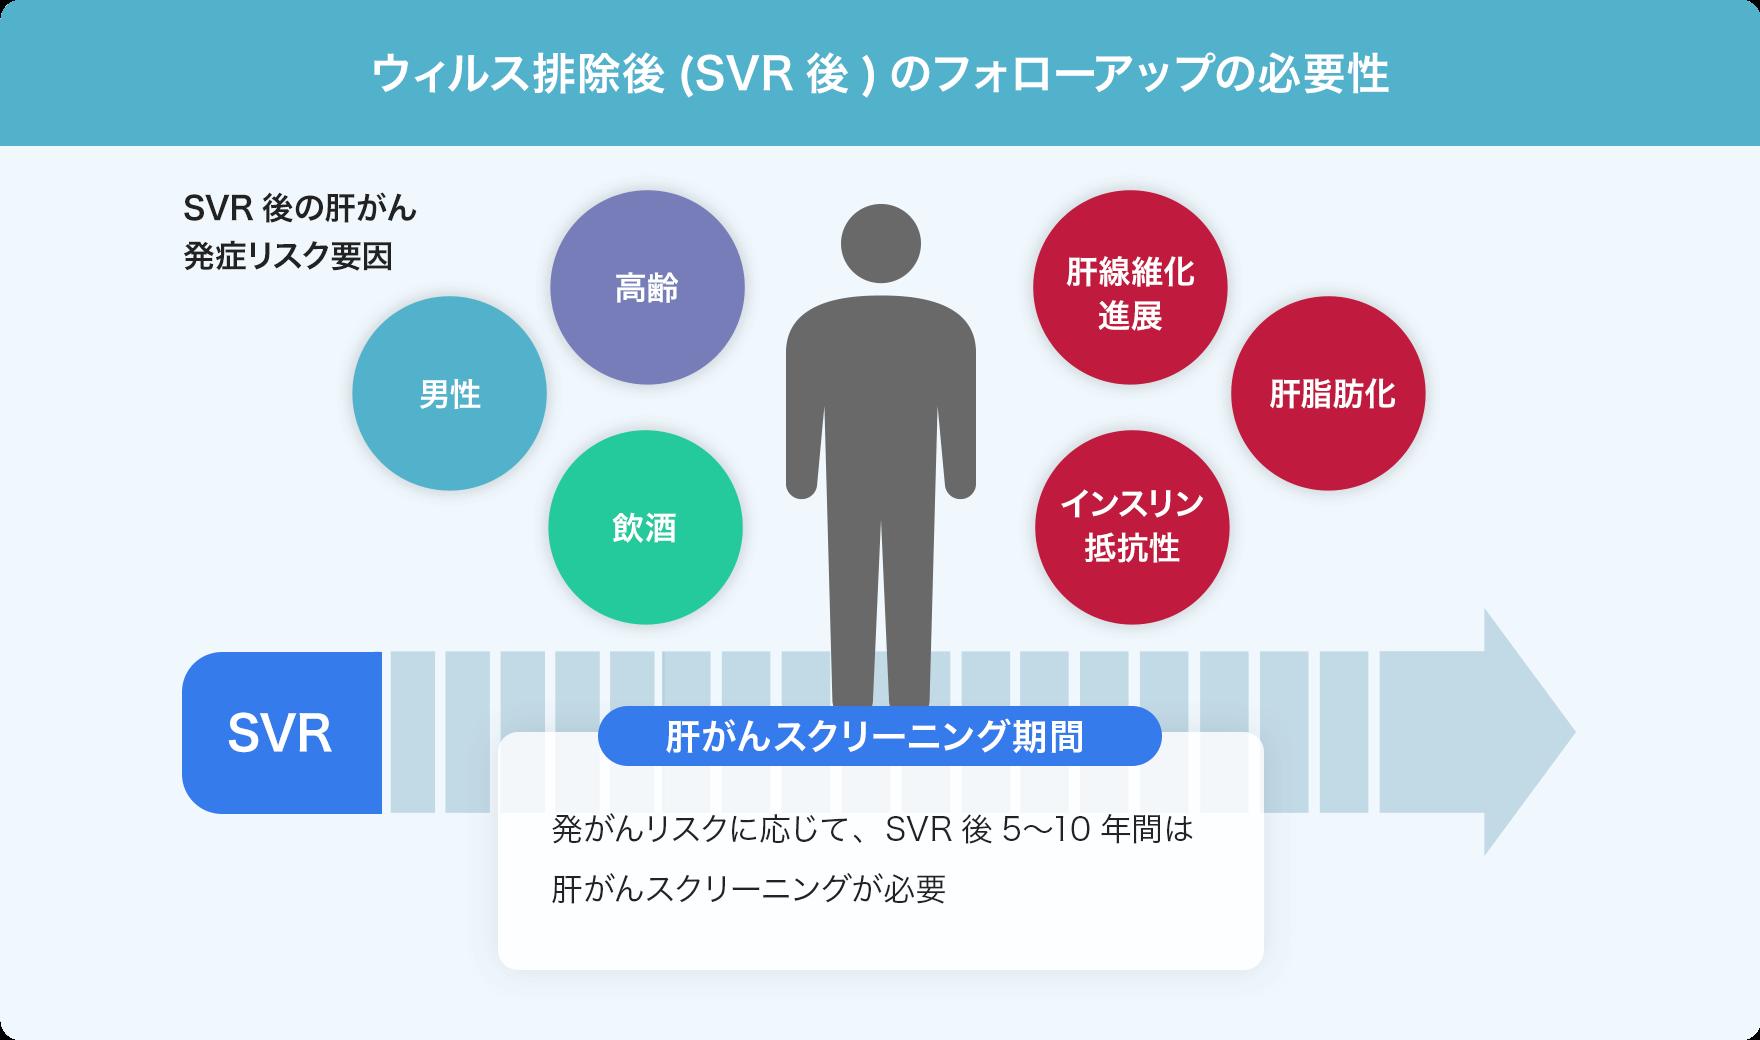 ウイルス排除後(SVR後)のフォローアップの必要性